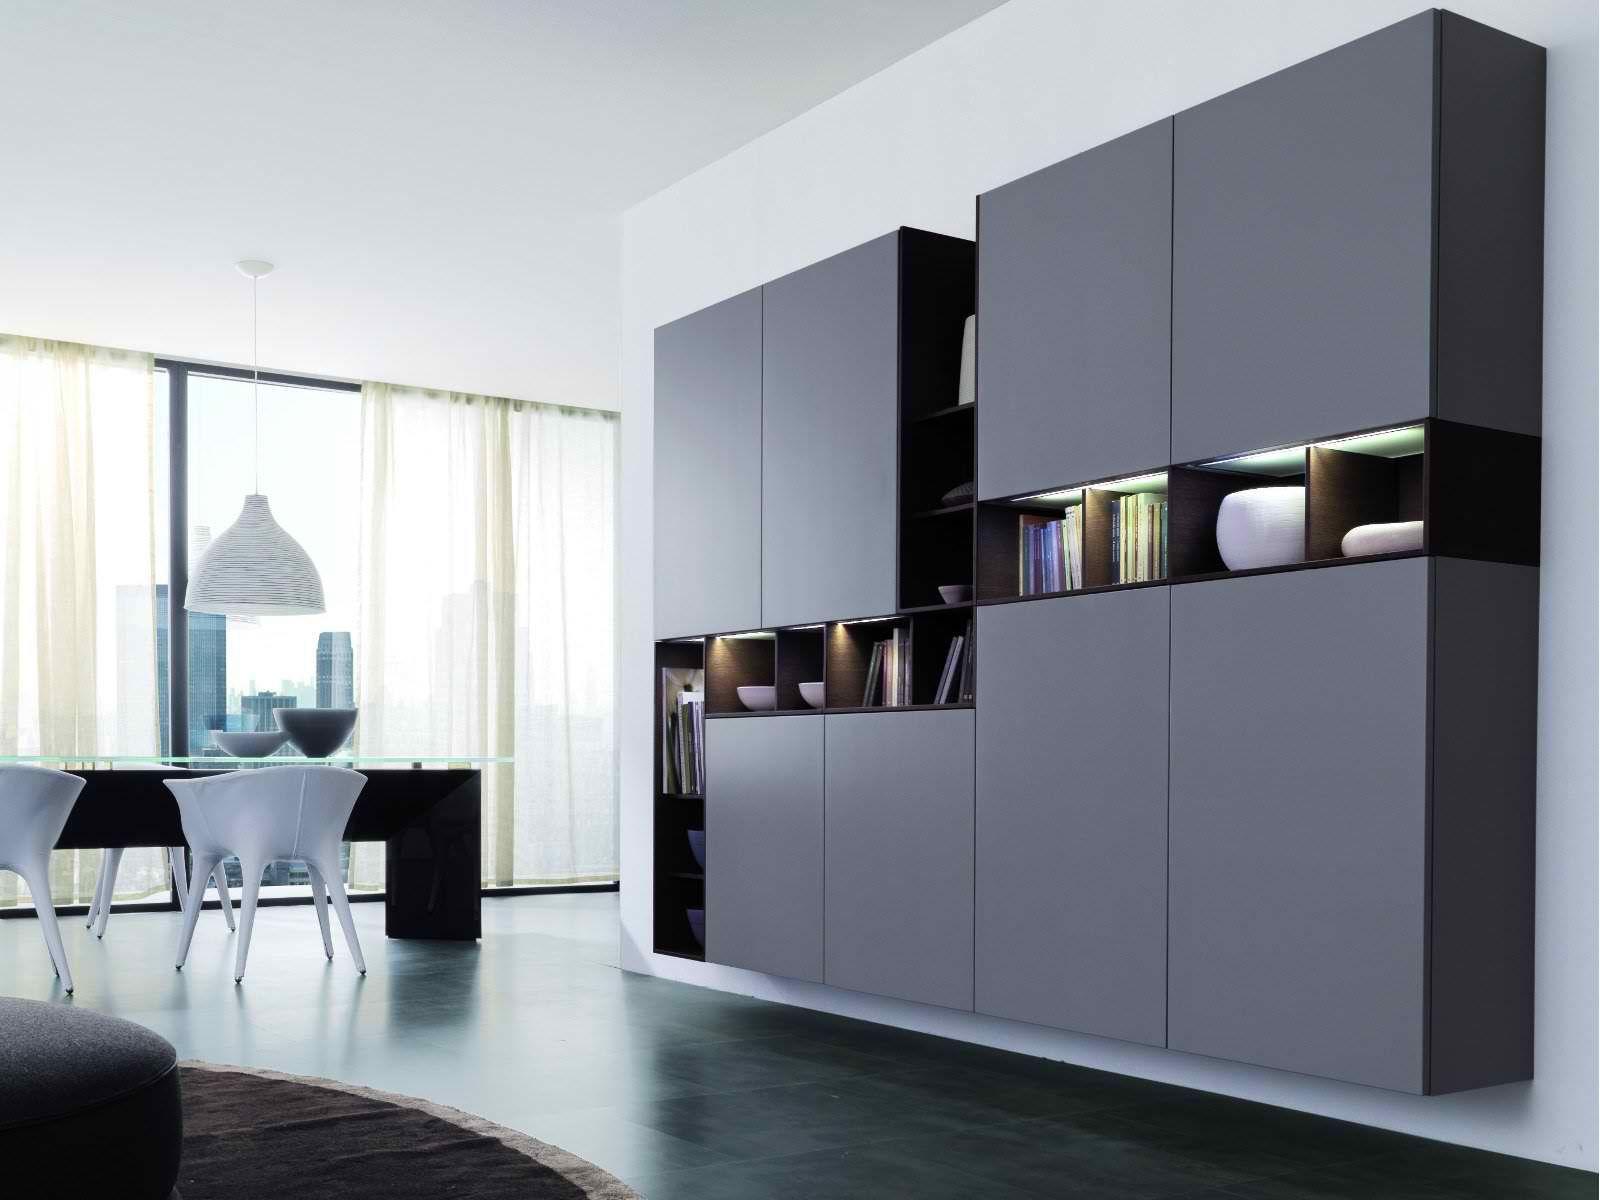 m bel im italienischen stil m bel italienische m bel. Black Bedroom Furniture Sets. Home Design Ideas